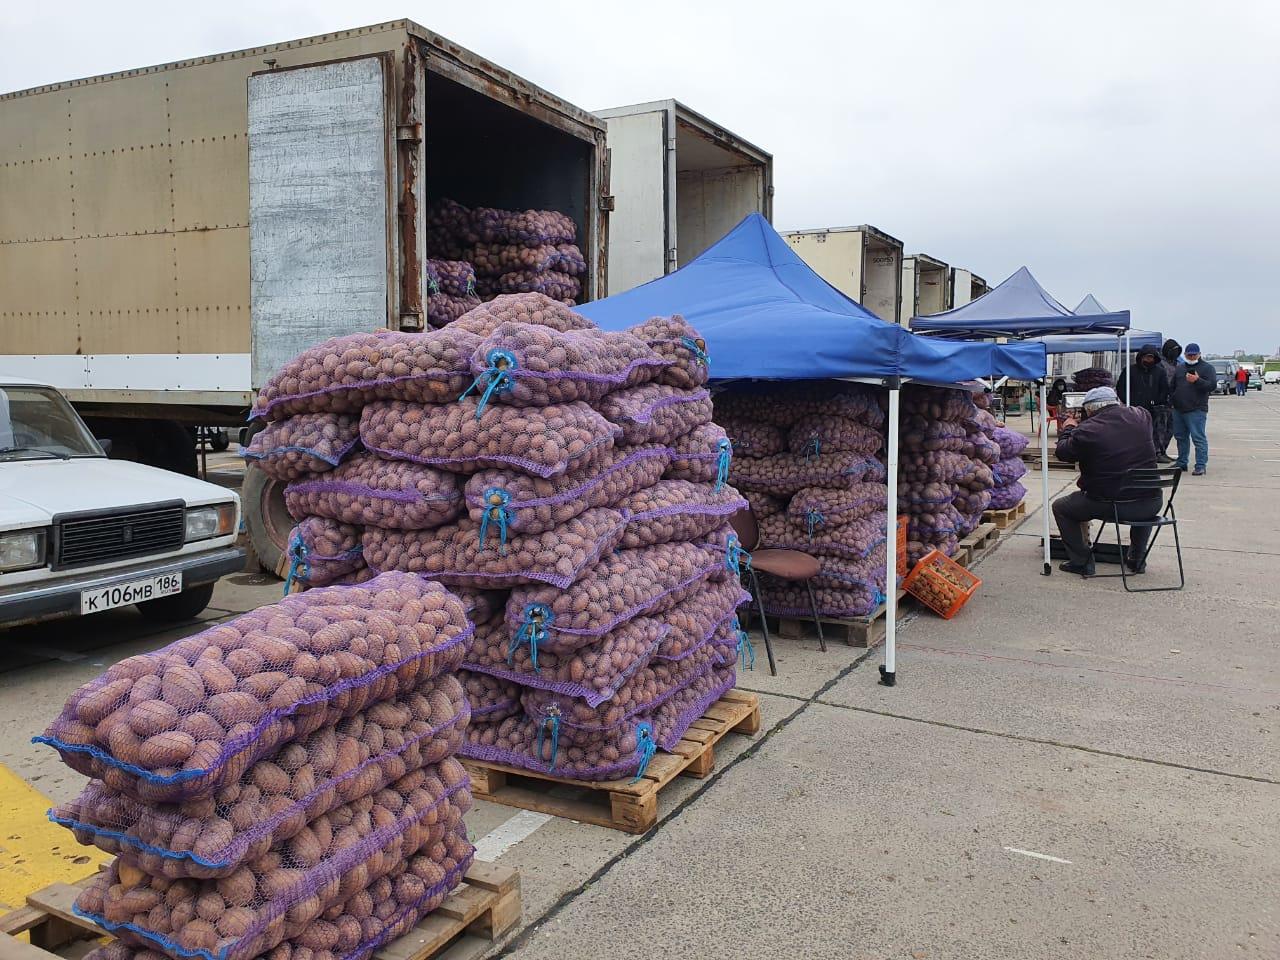 В прокуратуре области впервые прокомментировали блокаду аксайских рынков